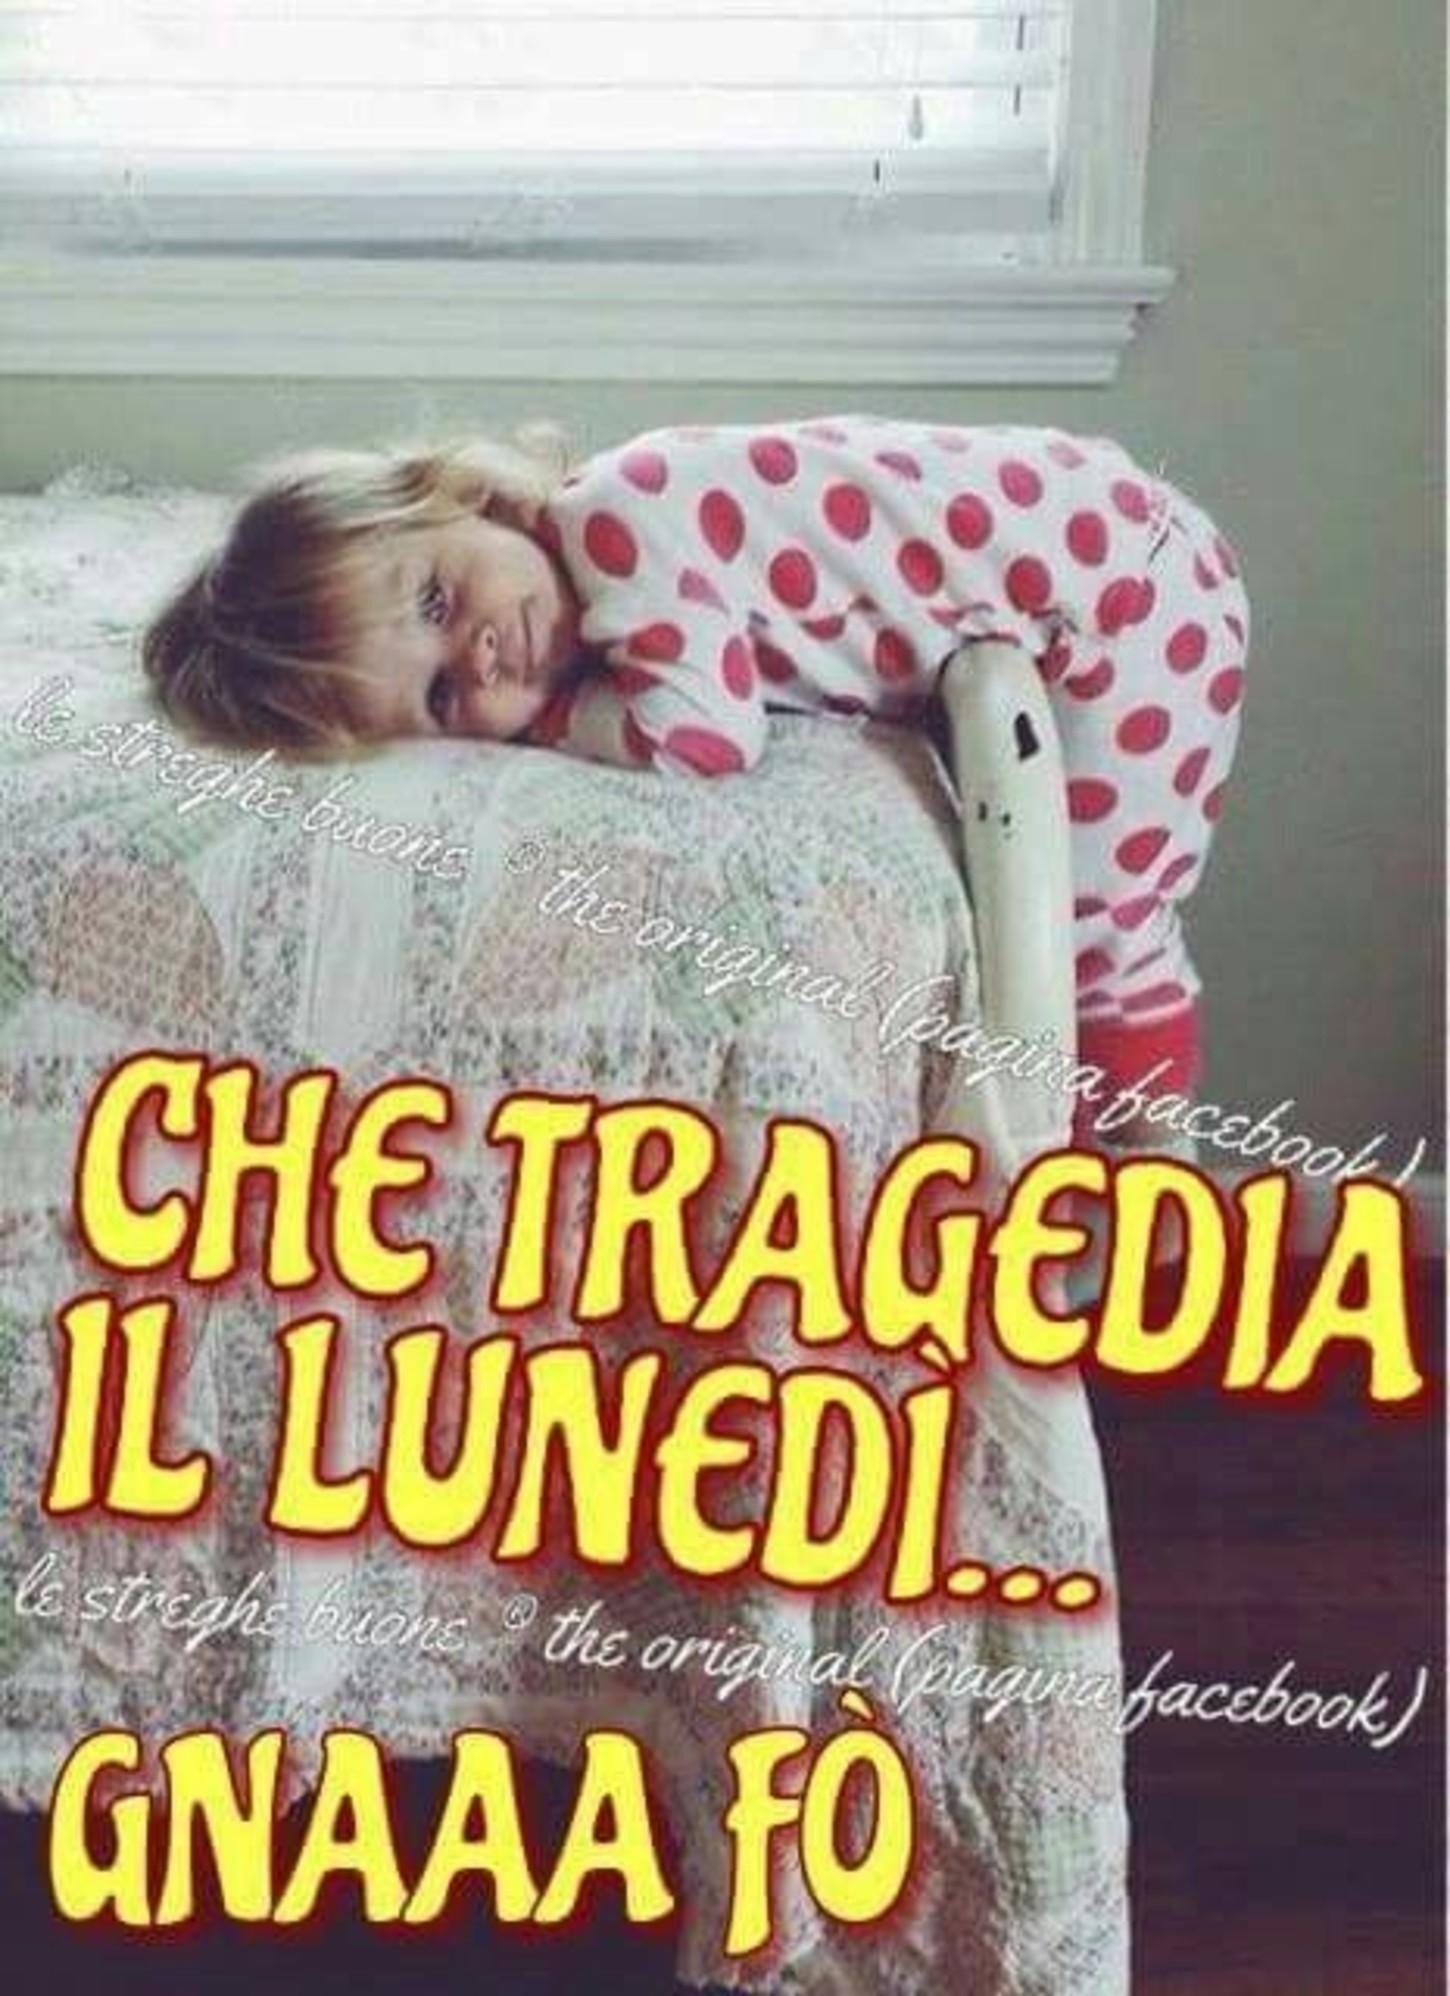 Lunedì che tragedia immagini